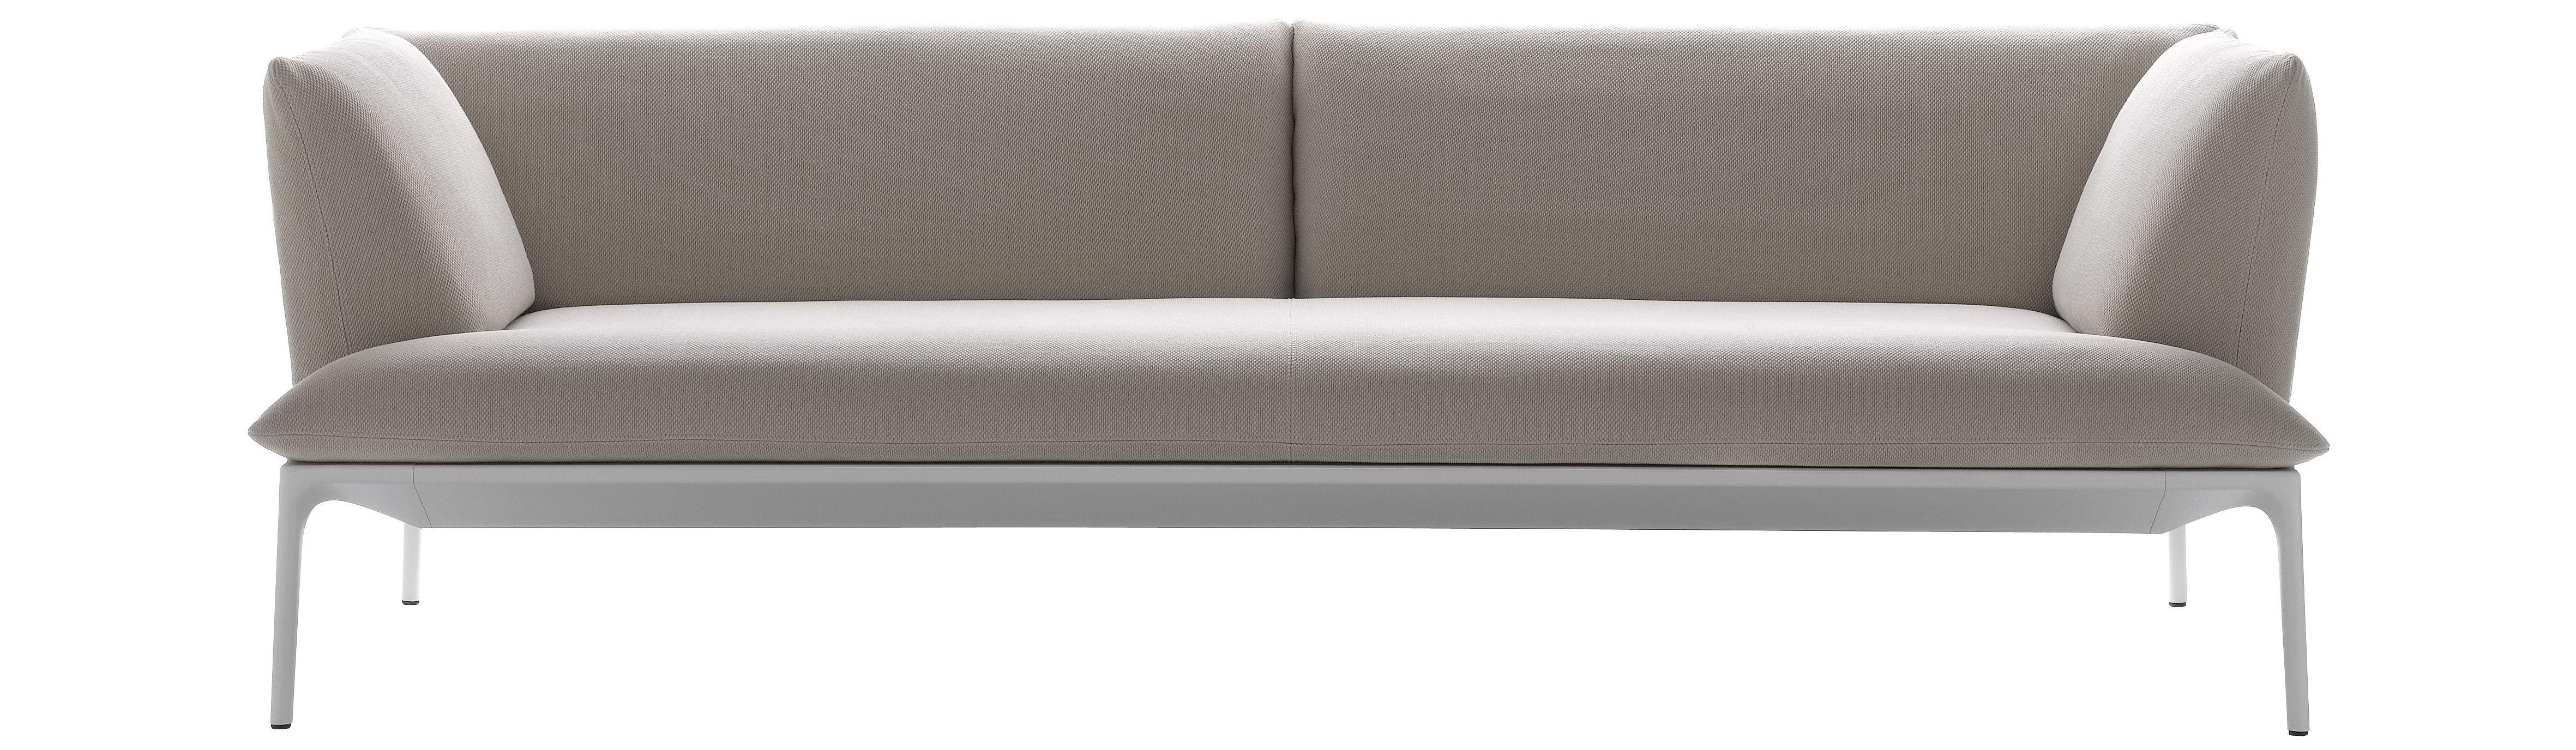 Mobilier - Canapés - Canapé droit Yale / 2 places - L 160 cm - MDF Italia - Beige / Structure blanche - 2 places - Aluminium, Tissu